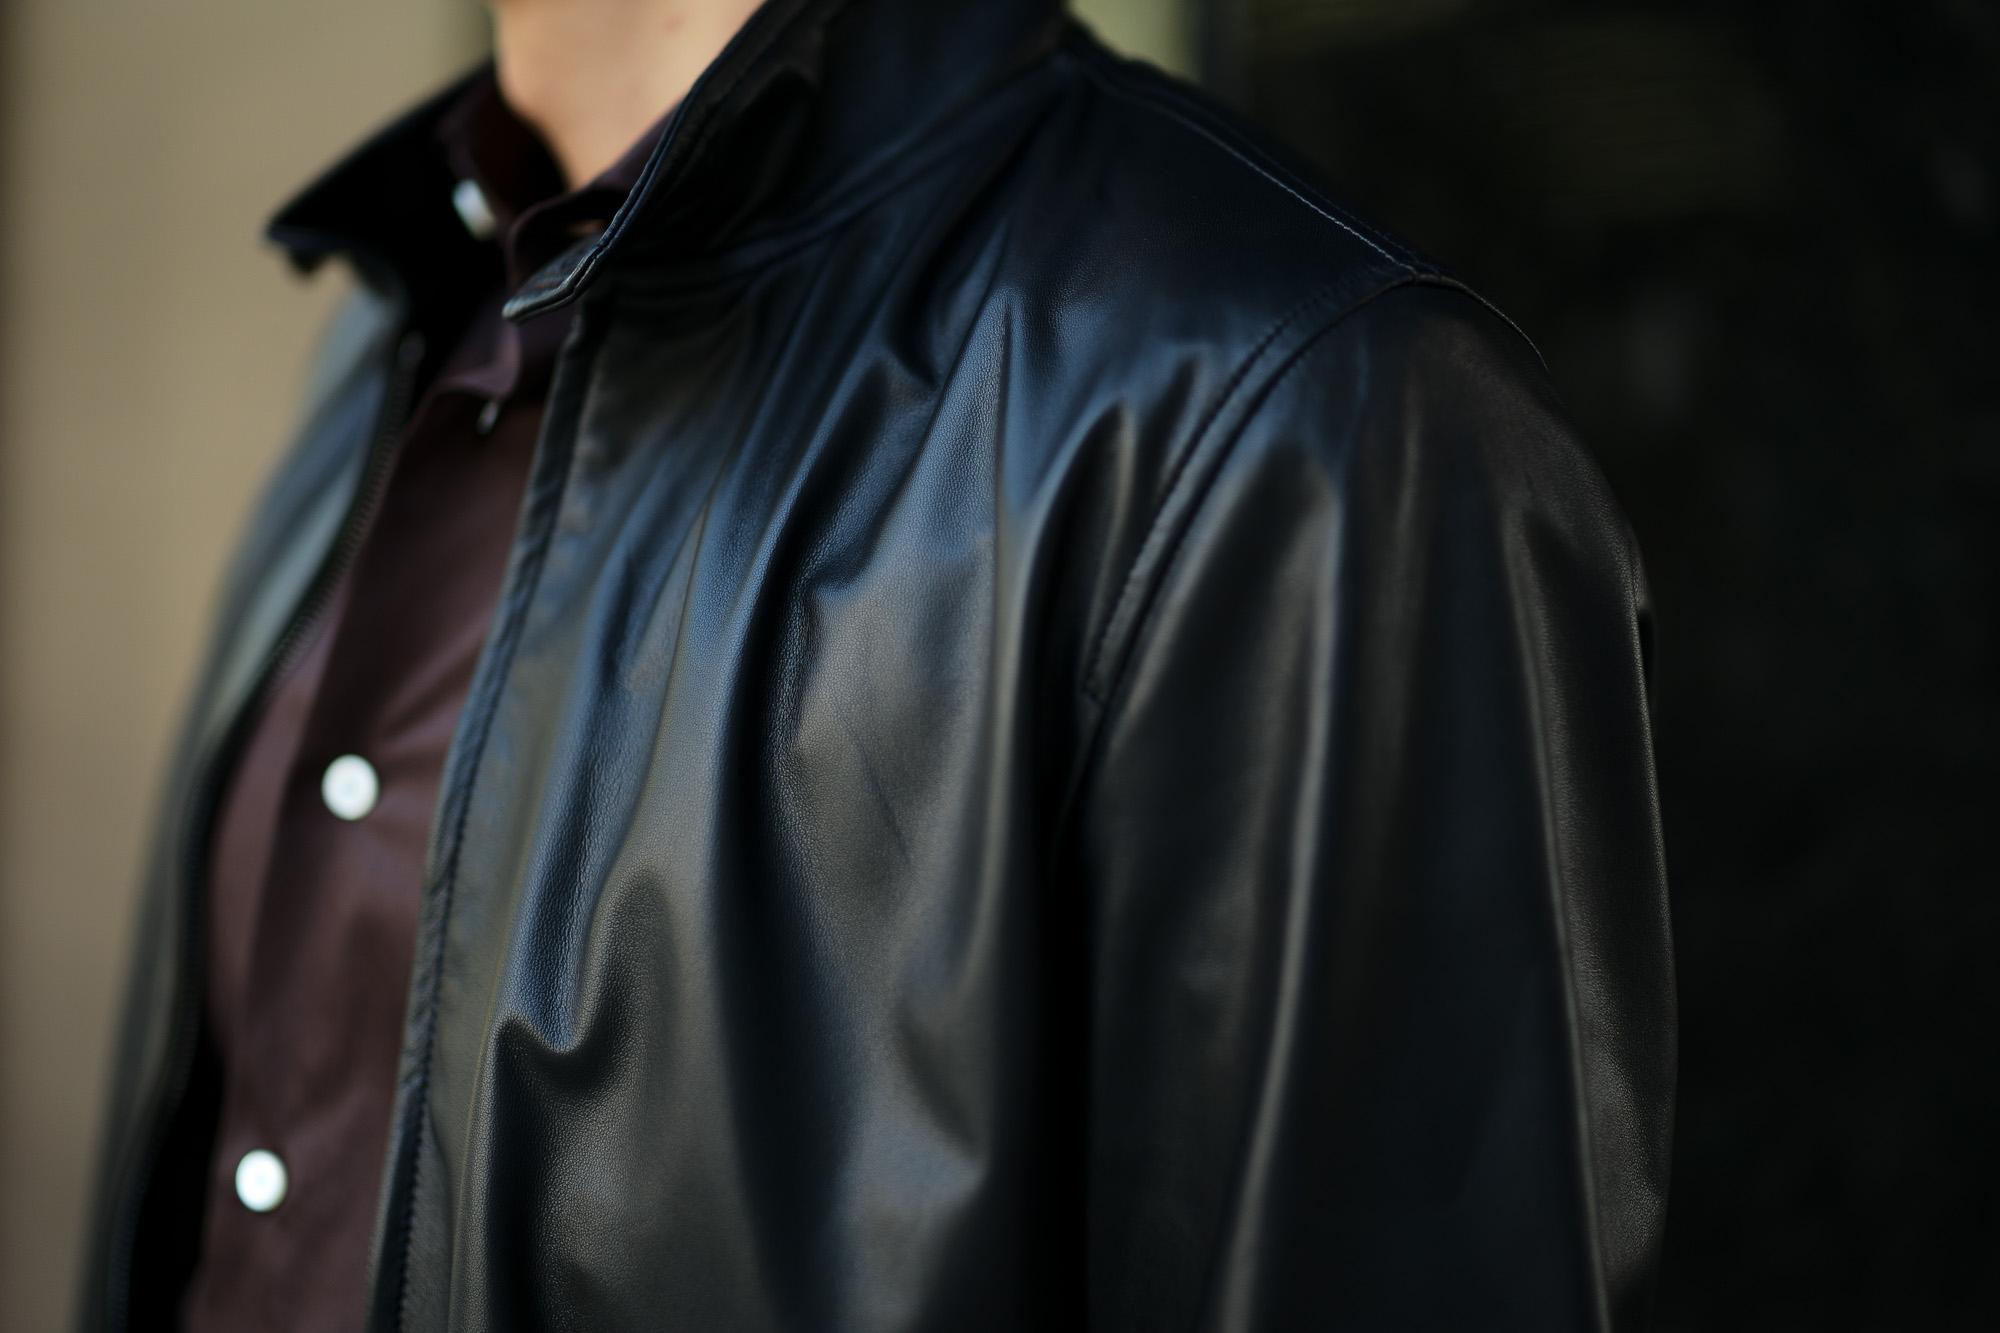 SILENCE (サイレンス) Single Rib Leather Jacket (シングル リブ レザー ジャケット) Lambskin Nappa Leather (ラムナッパ レザー) シングル ライダース ジャケット NERO (ブラック) Made in italy (イタリア製) 2019 秋冬新作 愛知 名古屋 東京 大阪 alto e diritto アルトエデリット altoediritto